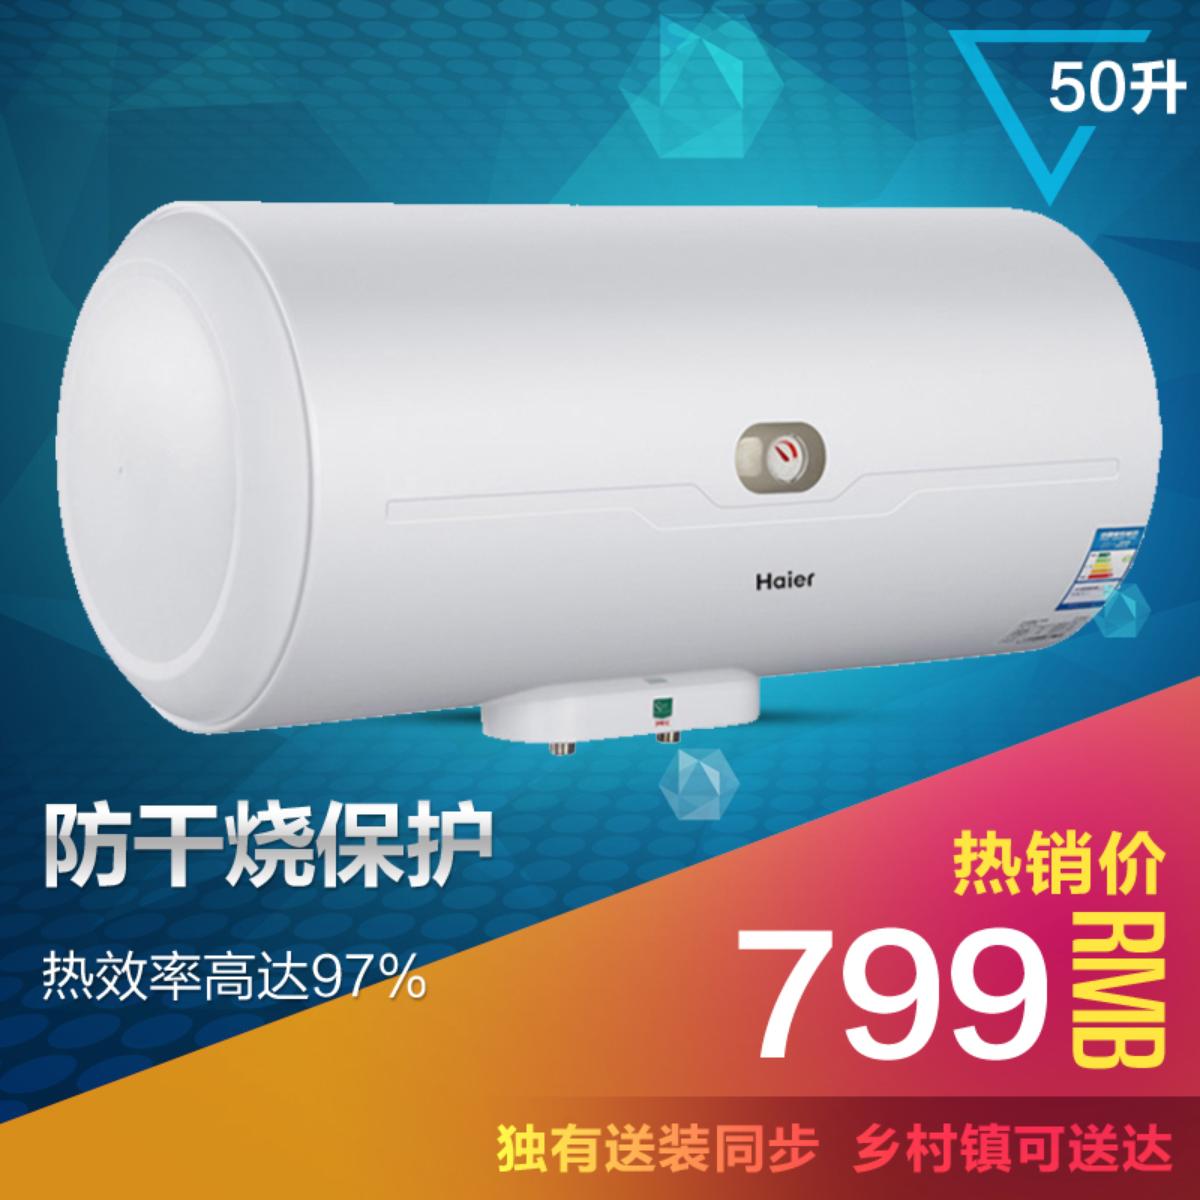 海尔电热水器 es50h-c6(ne)图片